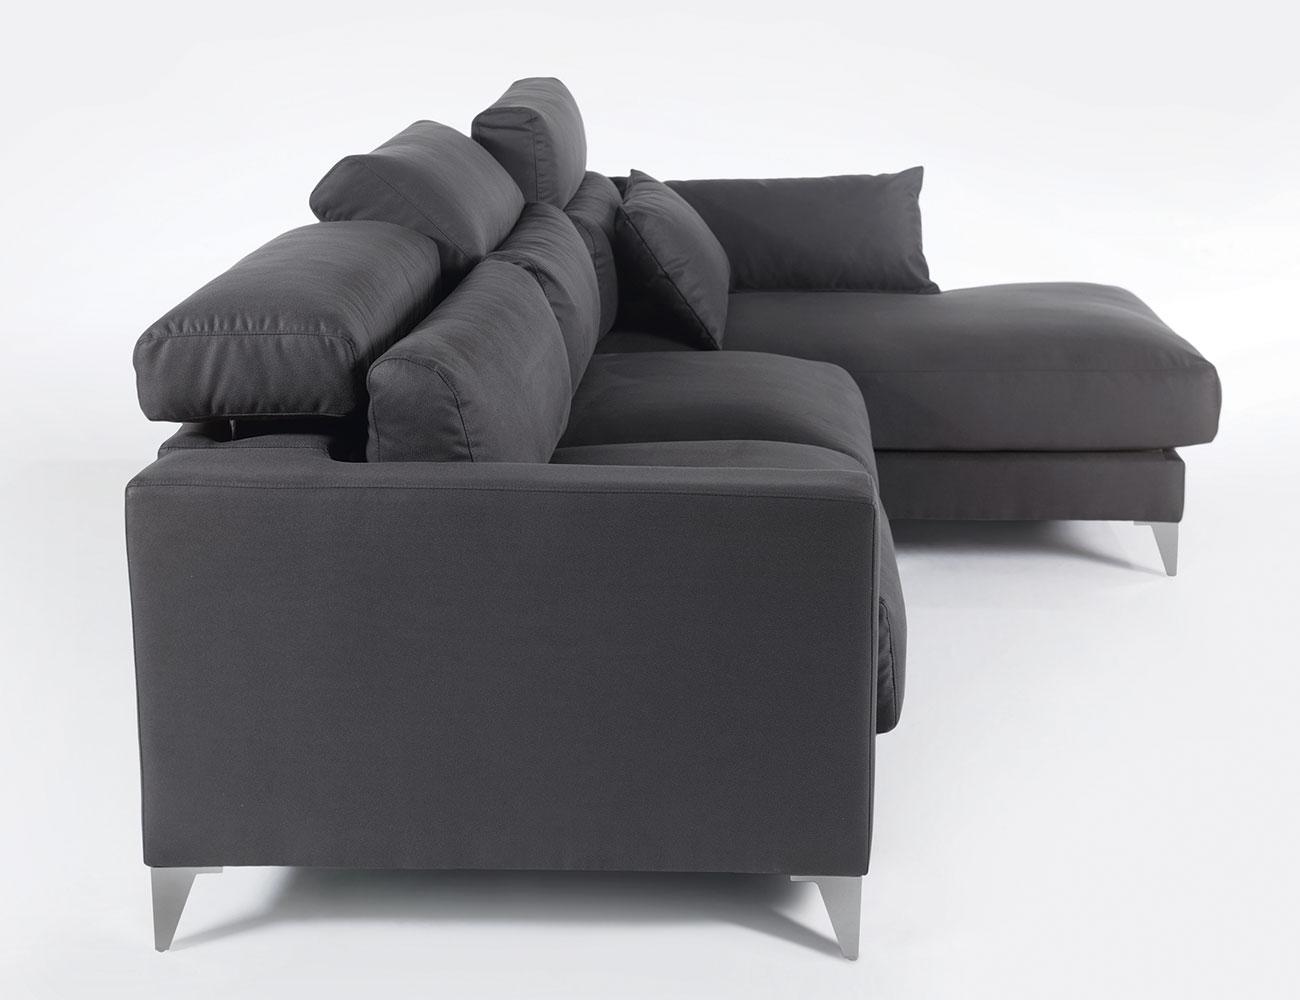 Sofa chaiselongue gran lujo decorativo grafito 12